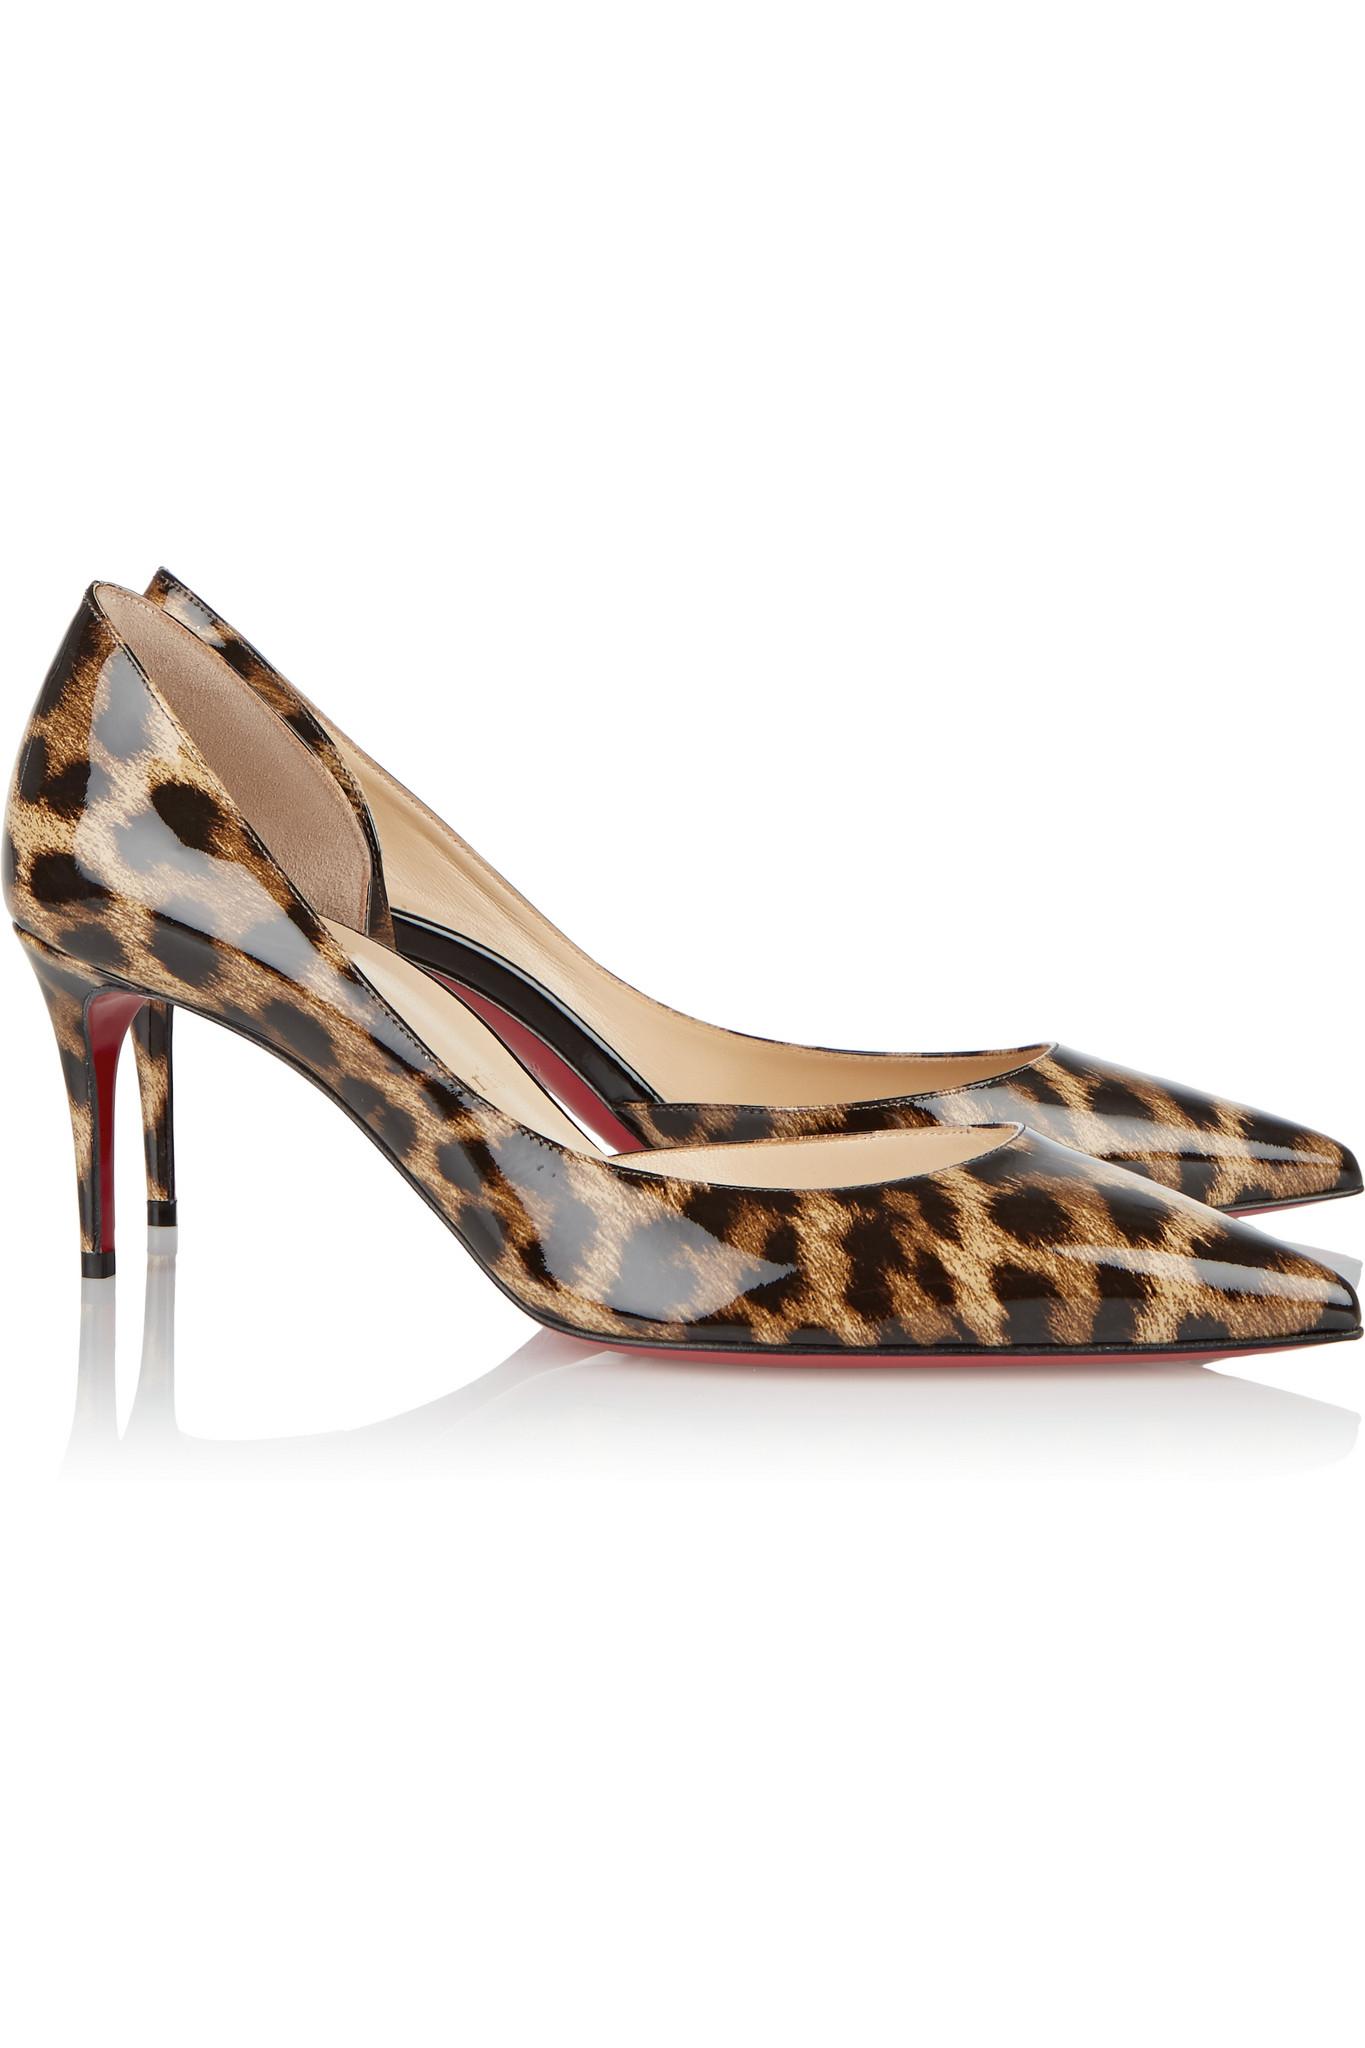 Christian louboutin Iriza 70 Leopard-print Patent-leather ...